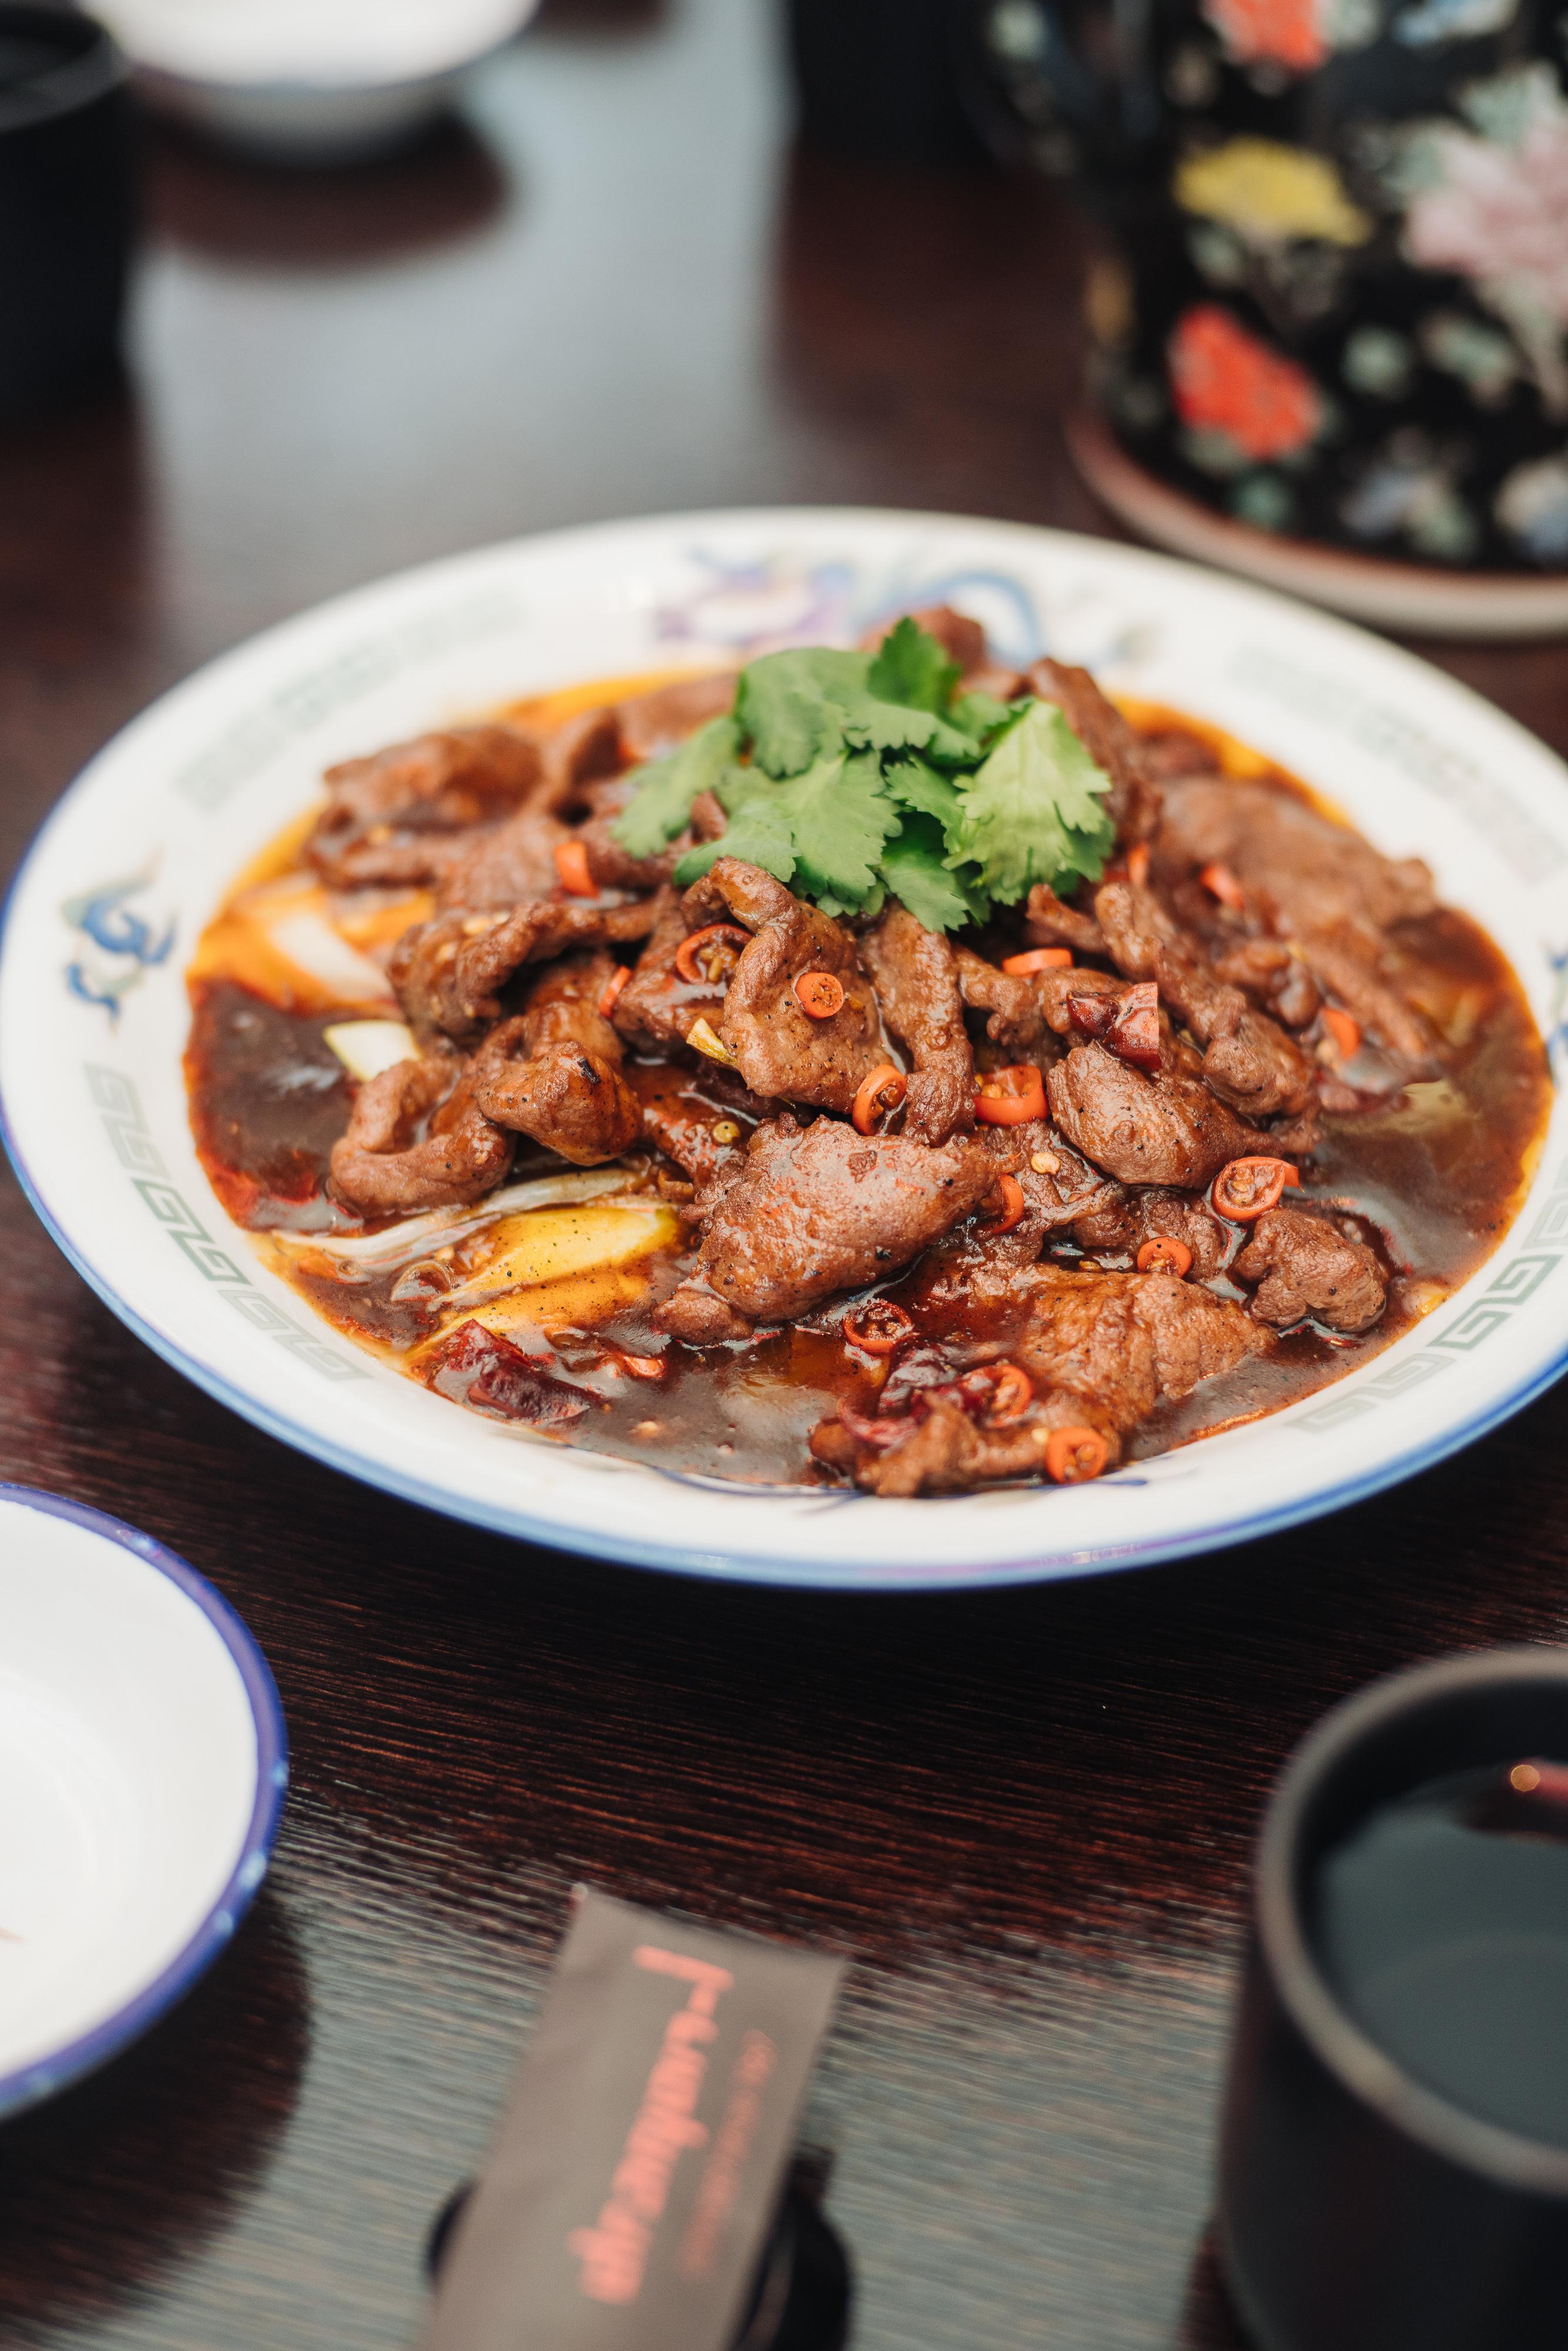 四川のスープを使った薄切り牛肉